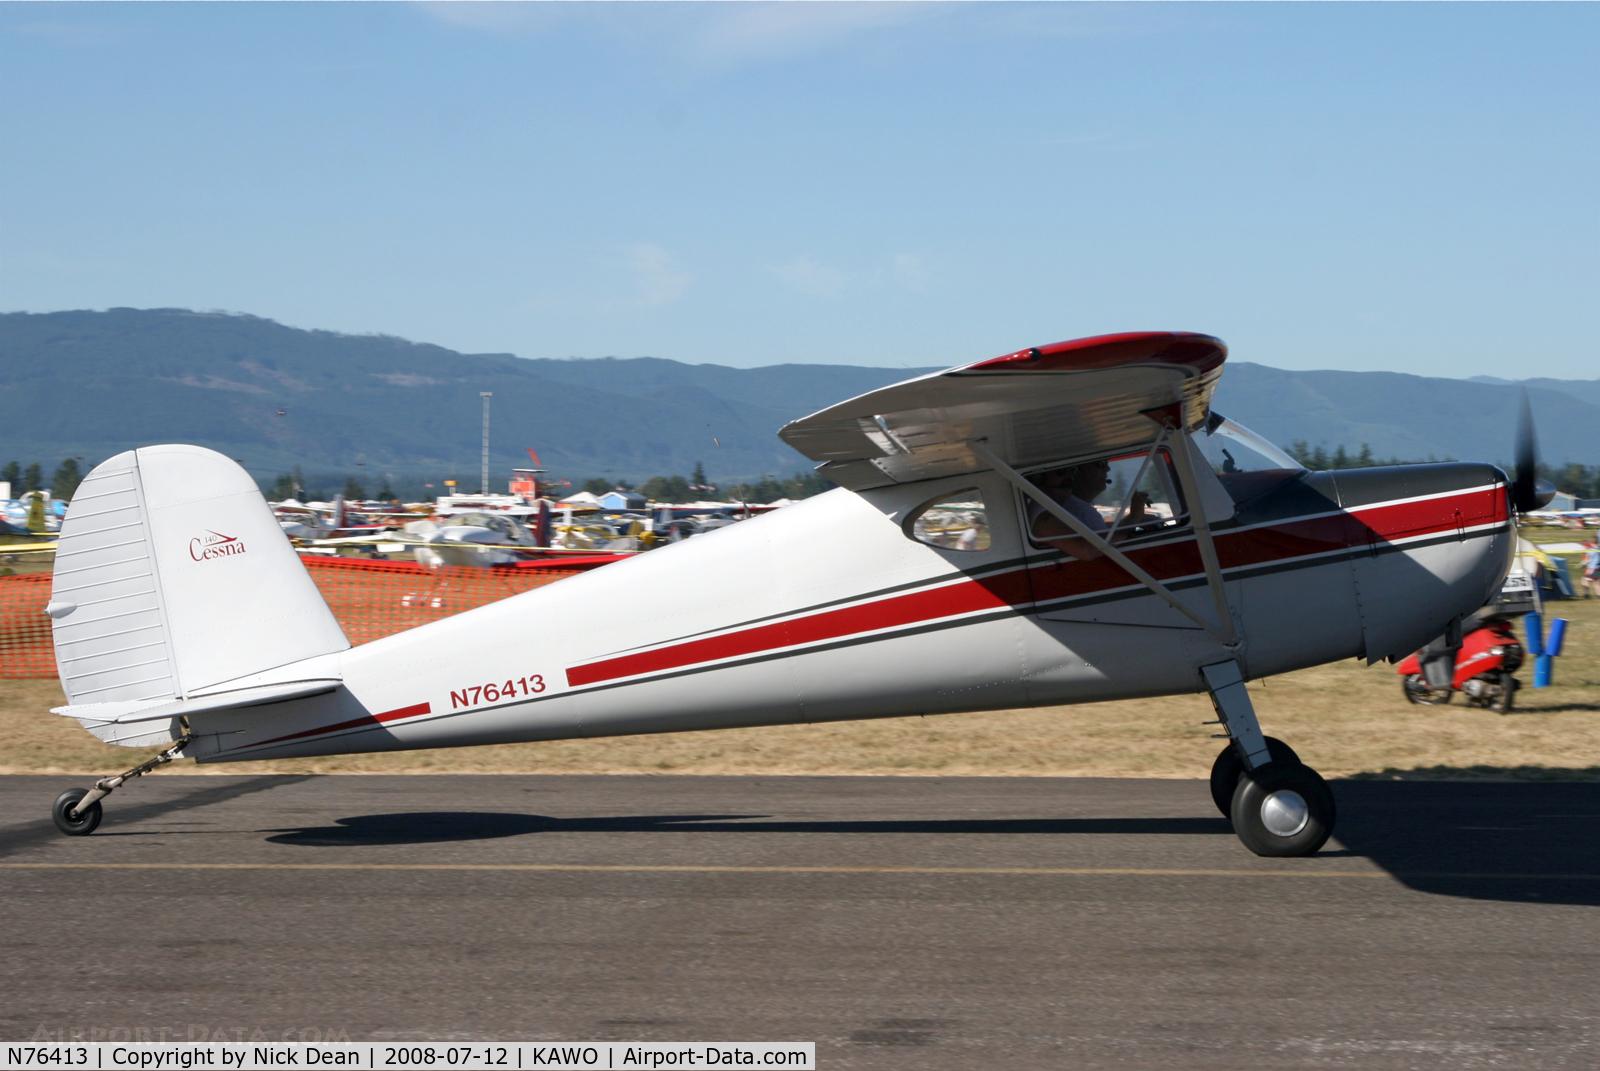 N76413, 1946 Cessna 140 C/N 10839, Arlington fly in